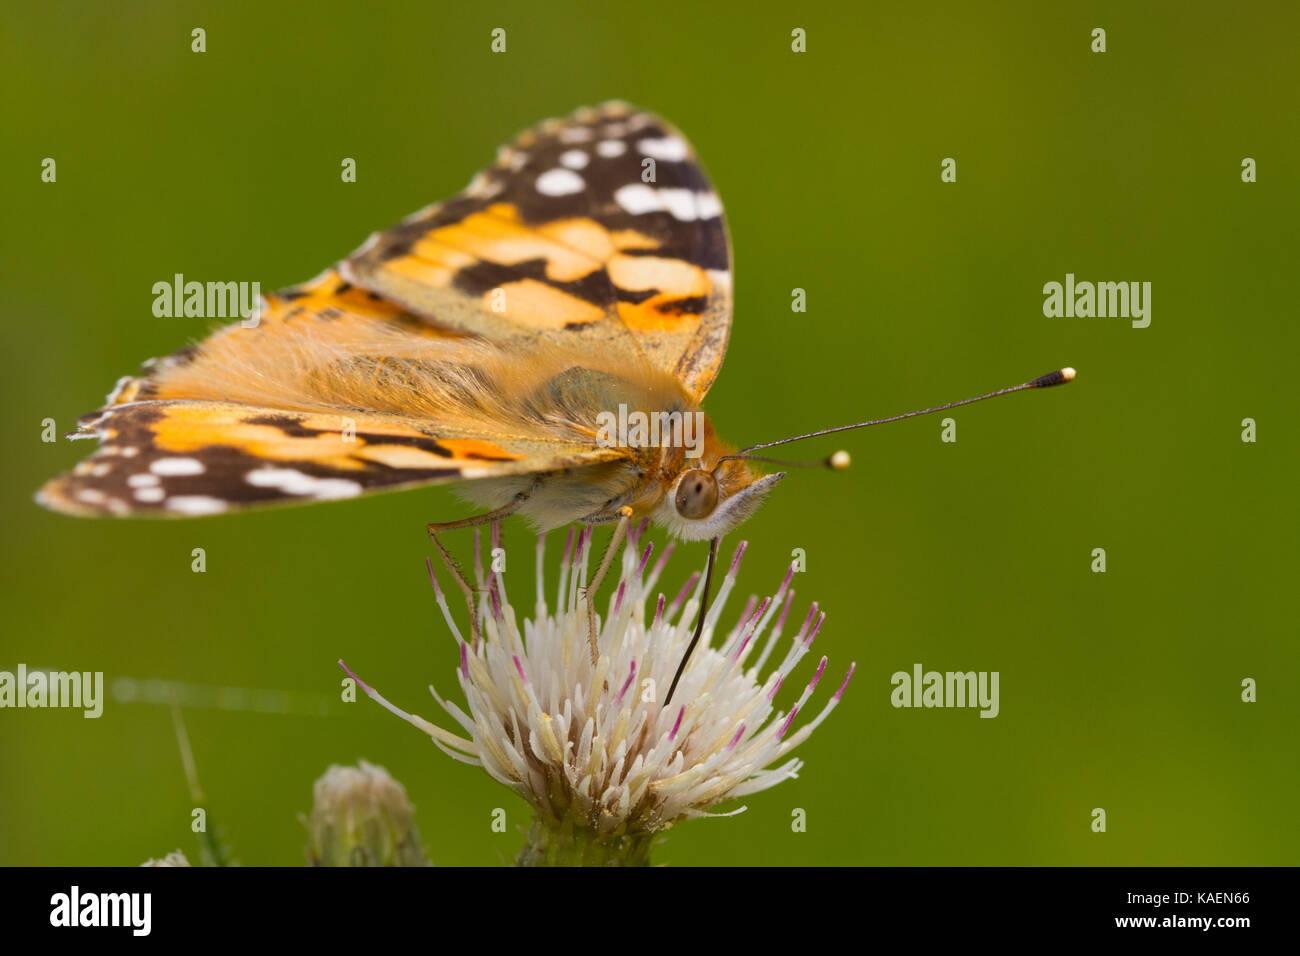 Dipinto di Lady (Vanessa cardui) adulto alimentazione a farfalla su un fiore di cardo. Powys, Galles. Giugno. Foto Stock